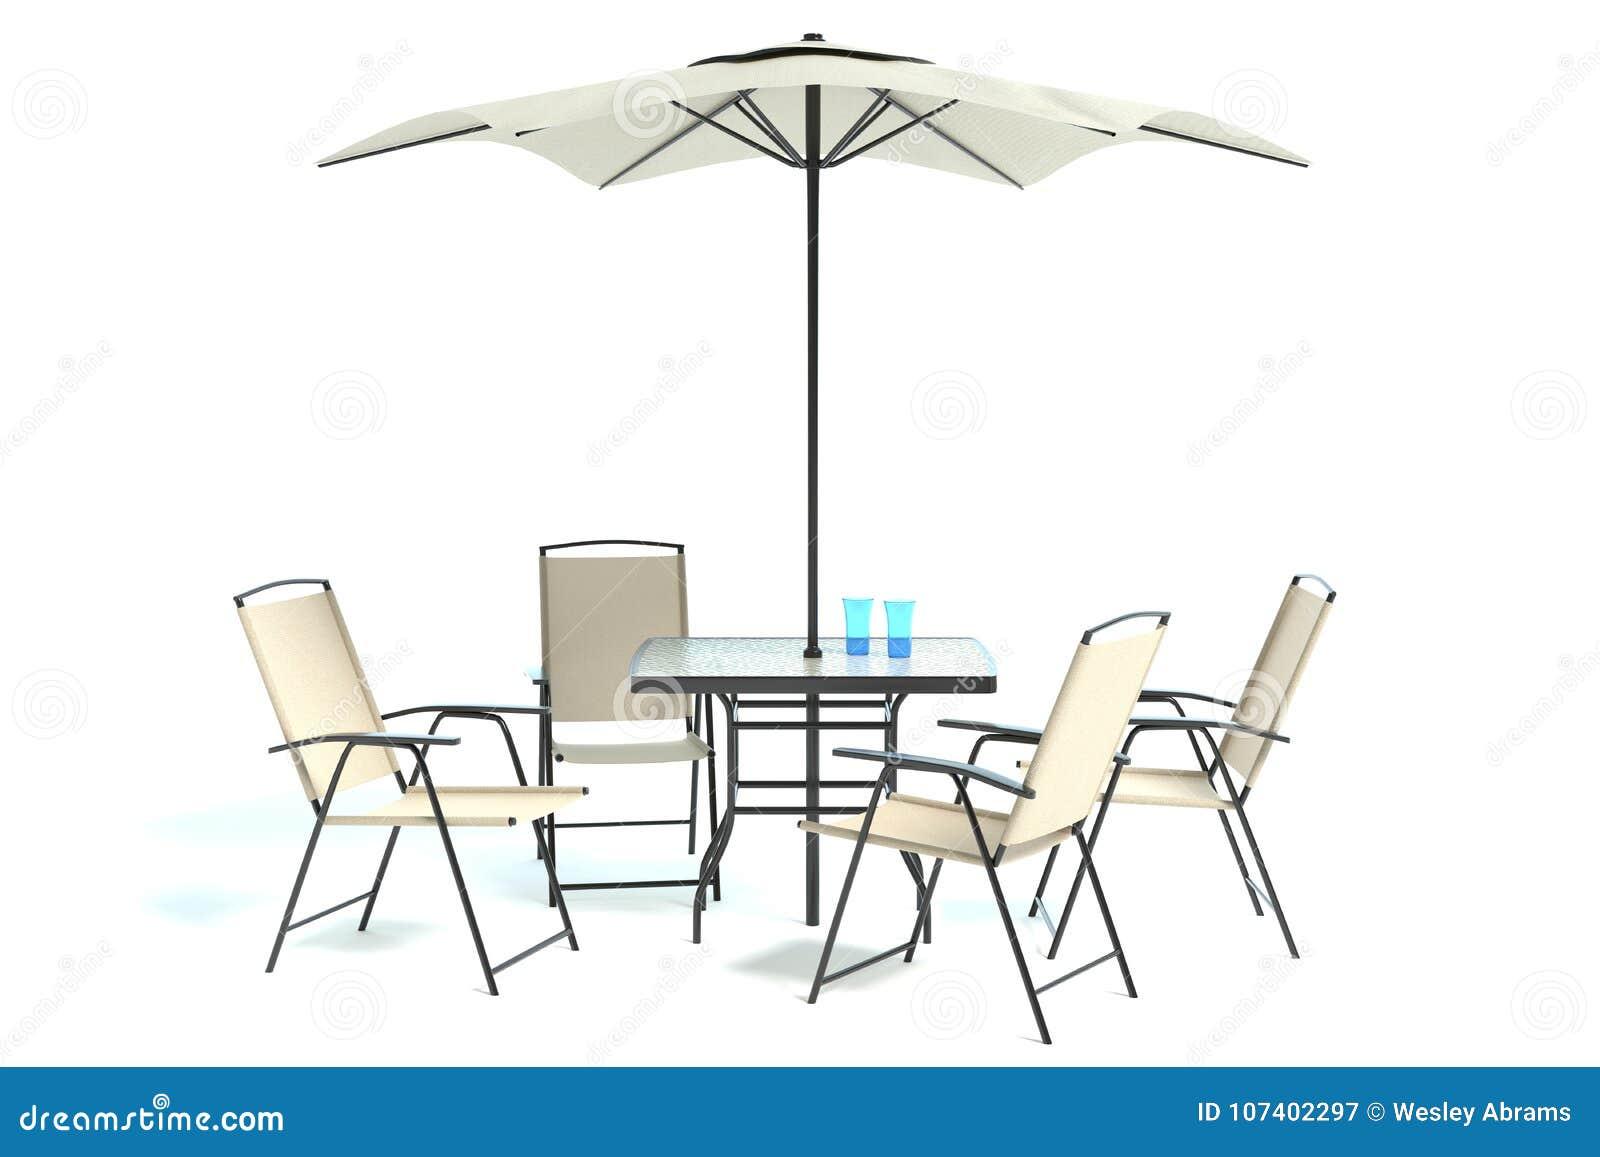 Patio illustrazioni vettoriali e clipart stock 3 130 for Layout di patio all aperto